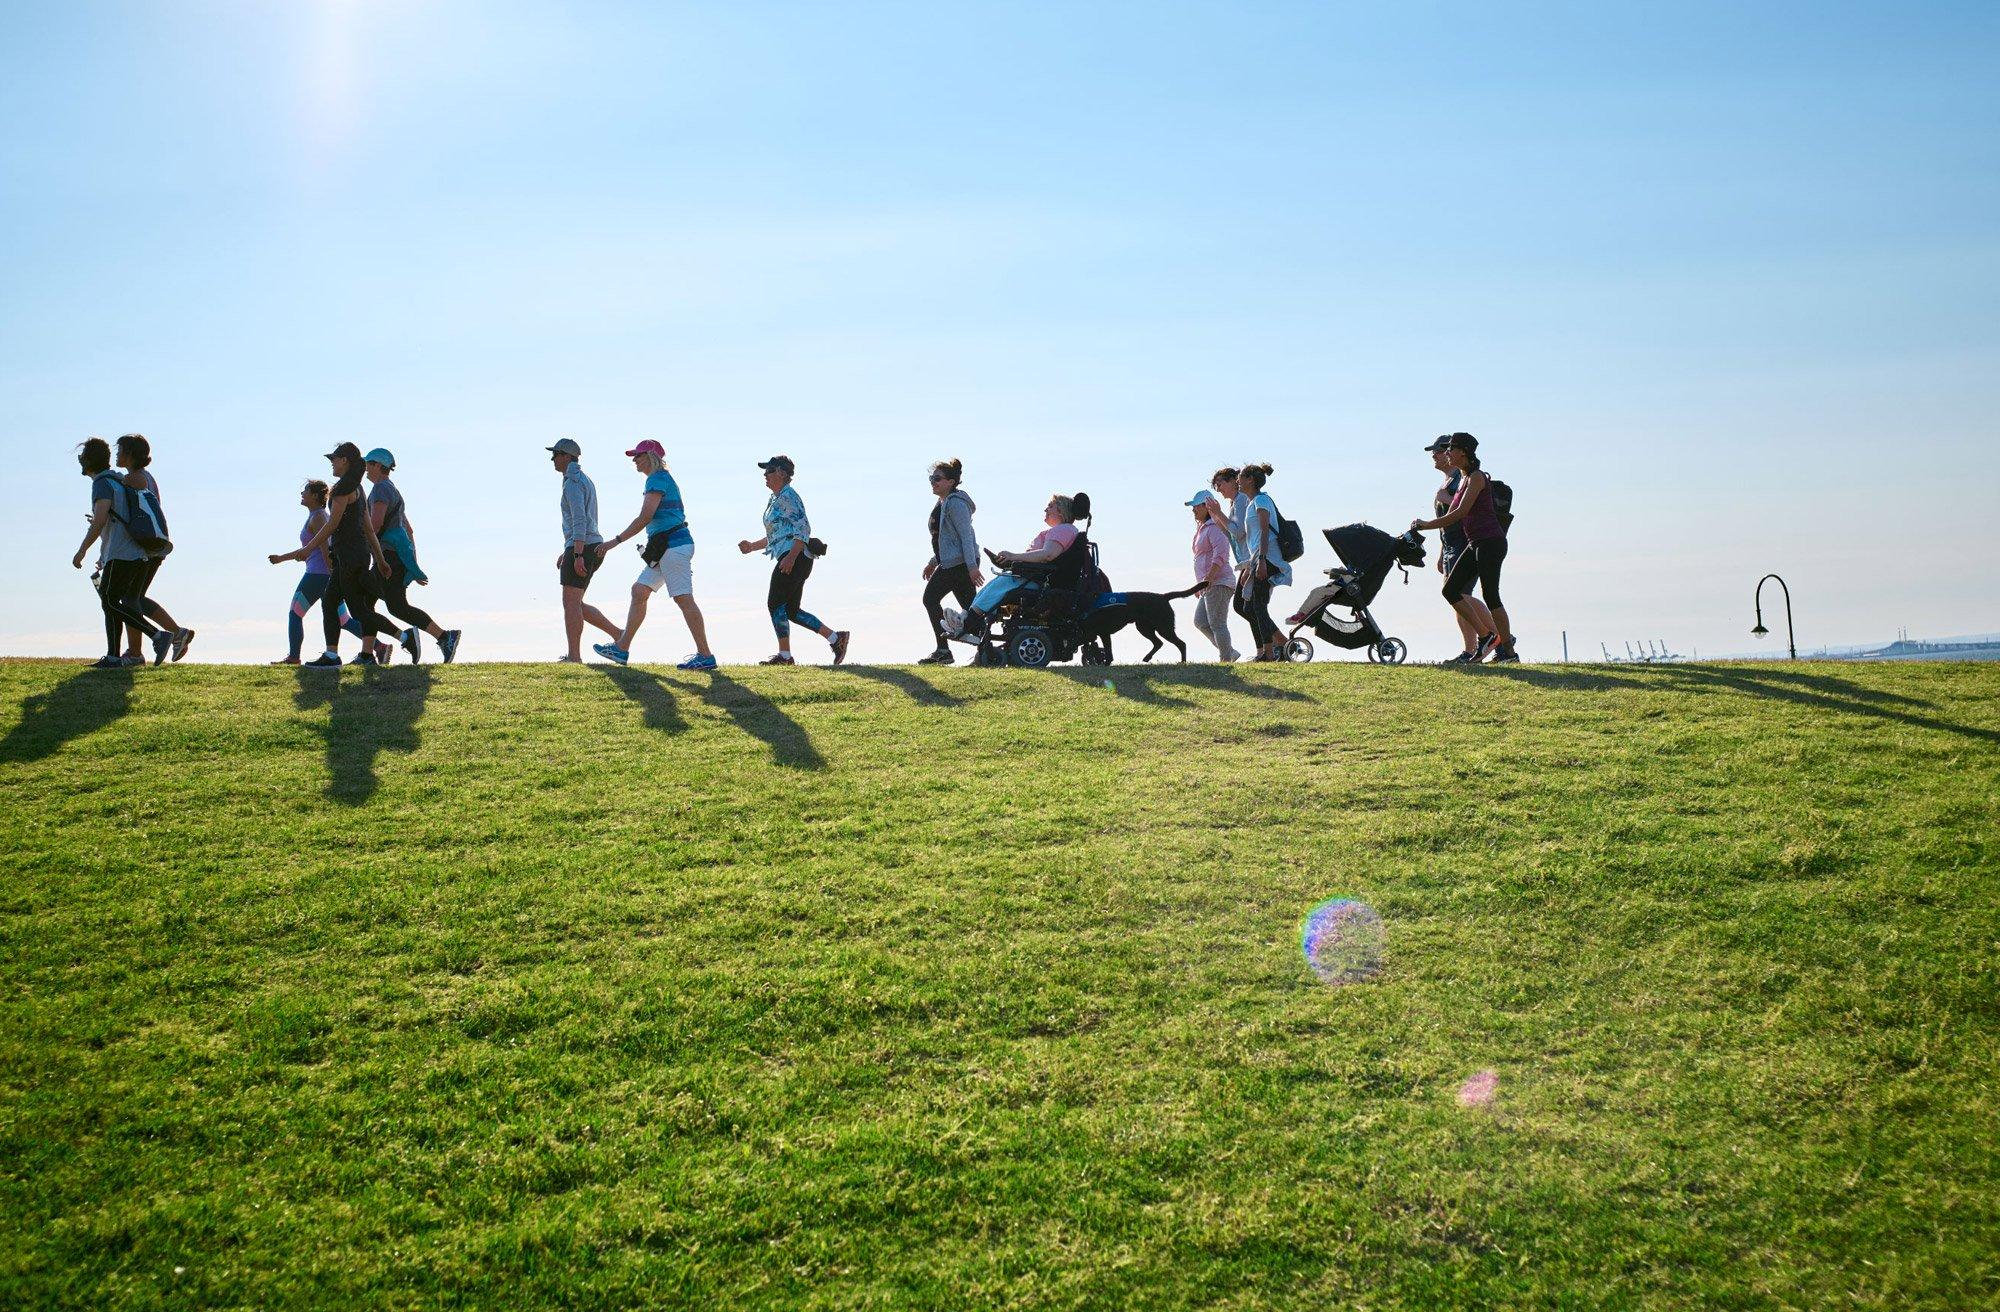 پیاده روی گروهی